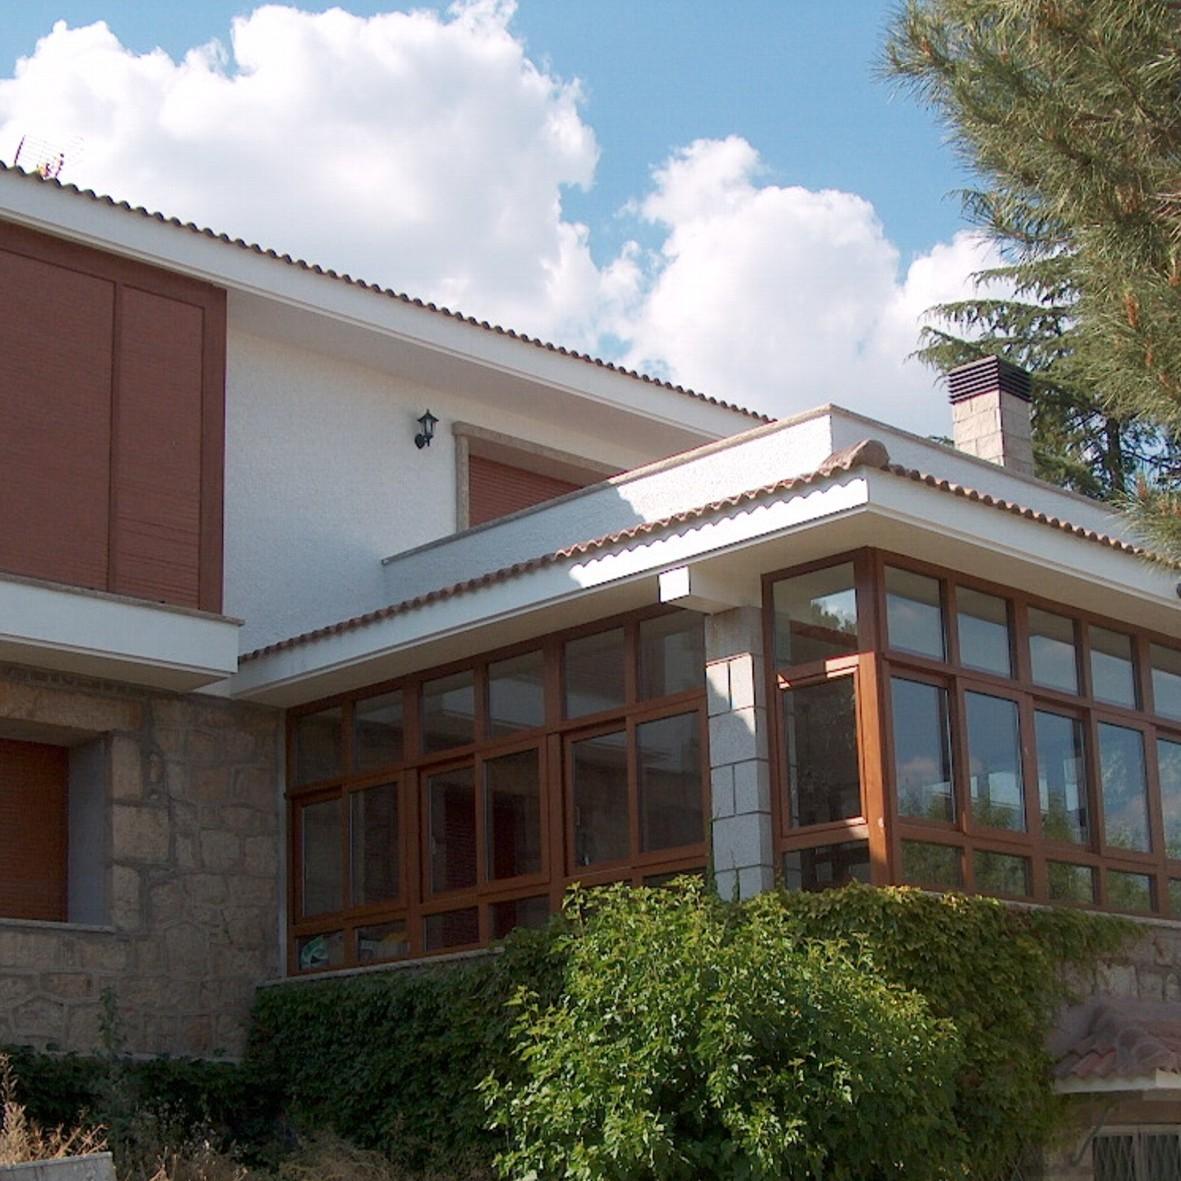 Estudio de arquitectura en hoyo de manzanares madrid - Estudios de arquitectura en madrid ...